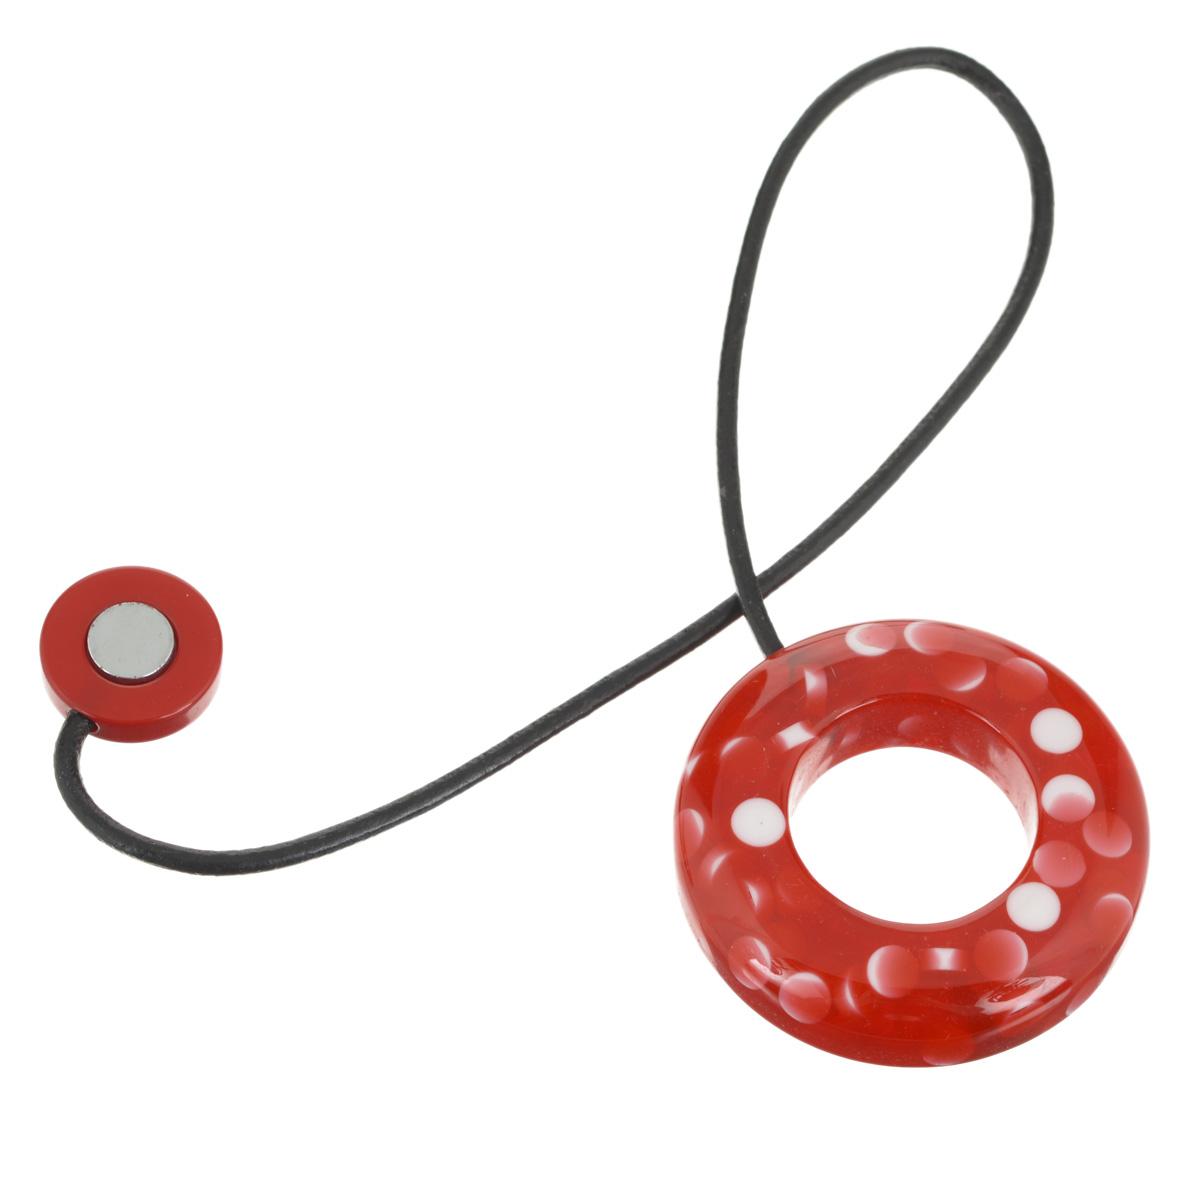 Подхват-магнит для органзы Embrasse, цвет: красный, белый. 7706113_80557706113_8055Клипса-магнит  Embrasse, изготовленная из пластика и кожи, предназначена для придания формы шторам. Изделие представляет собой два магнита, расположенные на разных концах кожаного шнурка. С одной стороны магнит оформлен декоративным кольцом. С помощью такой магнитной клипсы можно зафиксировать портьеры, придать им требуемое положение, сделать складки симметричными или приблизить портьеры, скрепить их. Клипсы для штор являются универсальным изделием, которое превосходно подойдет как для штор в детской комнате, так и для штор в гостиной. Следует отметить, что клипсы для штор выполняют не только практическую функцию, но также являются одной из основных деталей декора этого изделия, которая придает шторам восхитительный, стильный внешний вид. Материал: пластик, кожа, магнит. Диаметр кольца: 5,5 см. Диаметр магнита: 2 см. Длина ленты: 28 см.